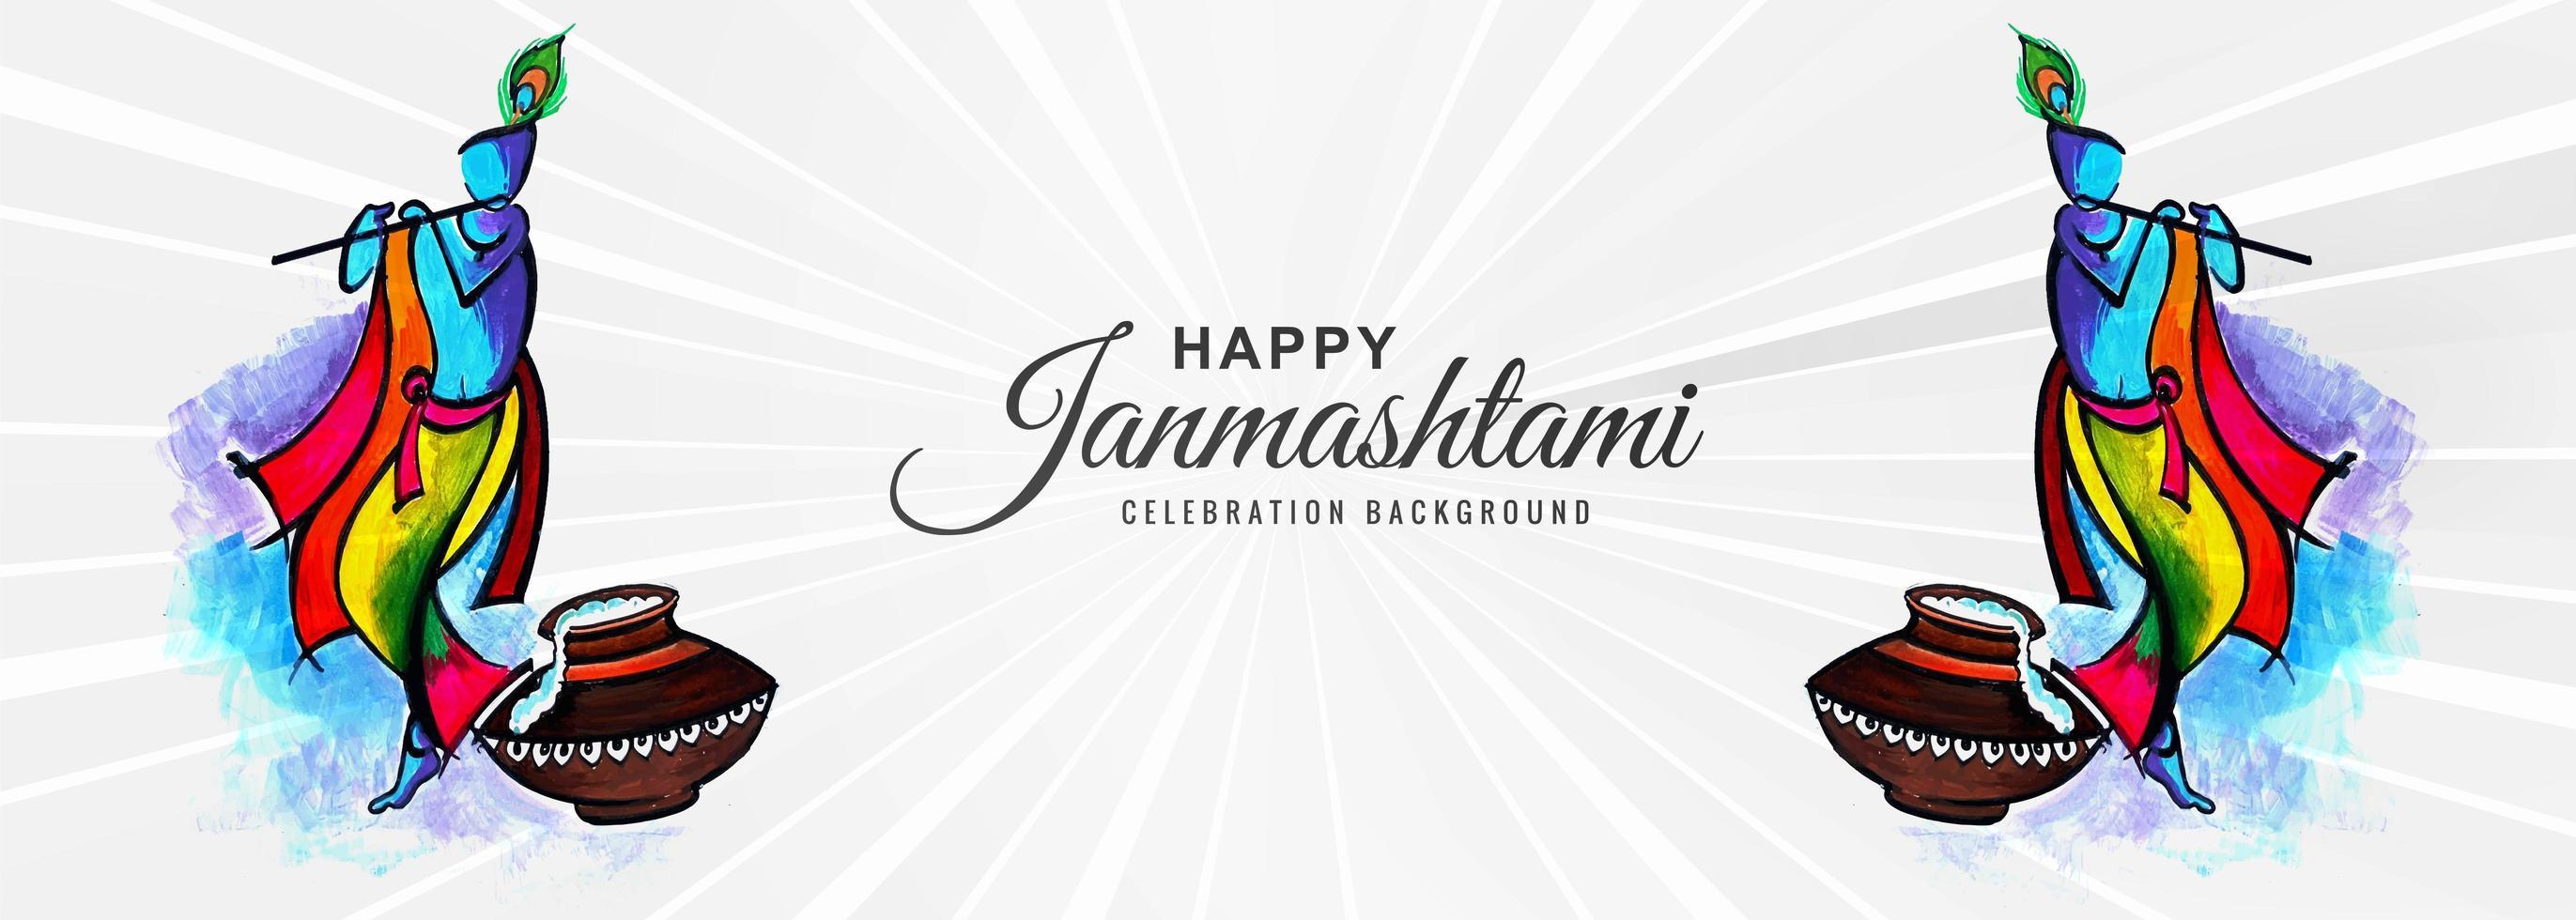 shree krishna janmashtami festival grå sunburst banner vektor